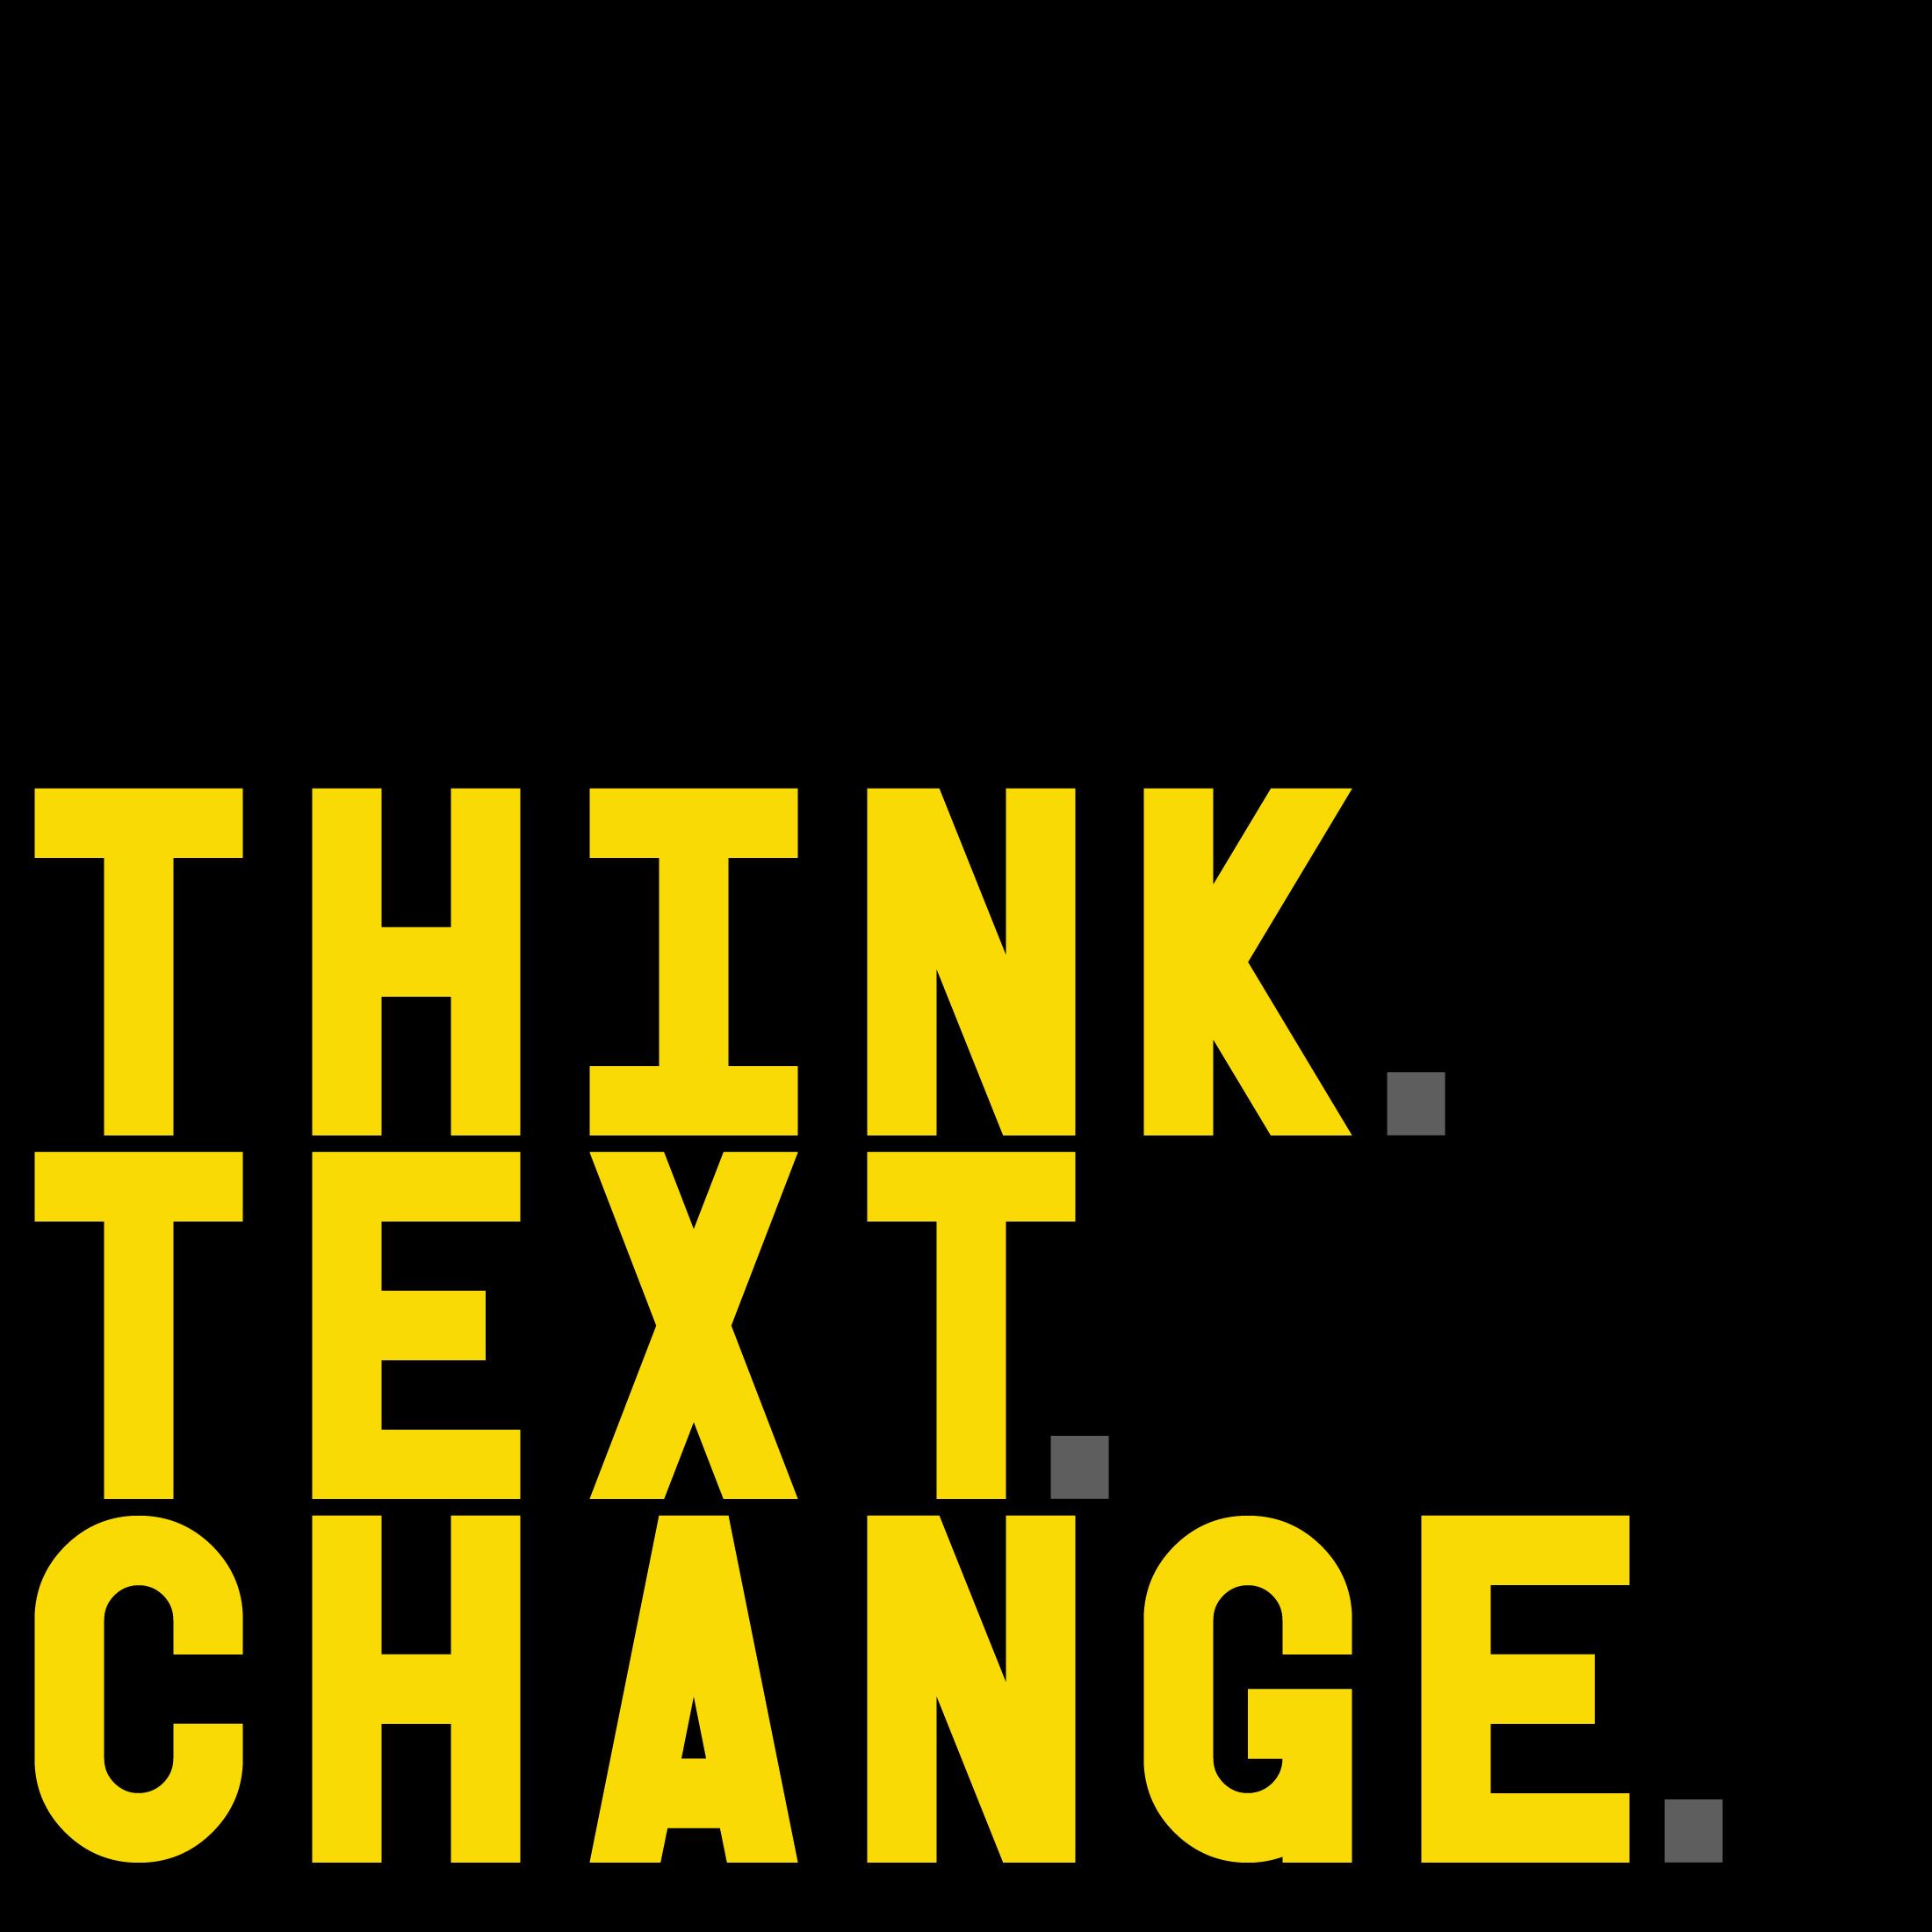 design 050 006 think text change 0007.jpg